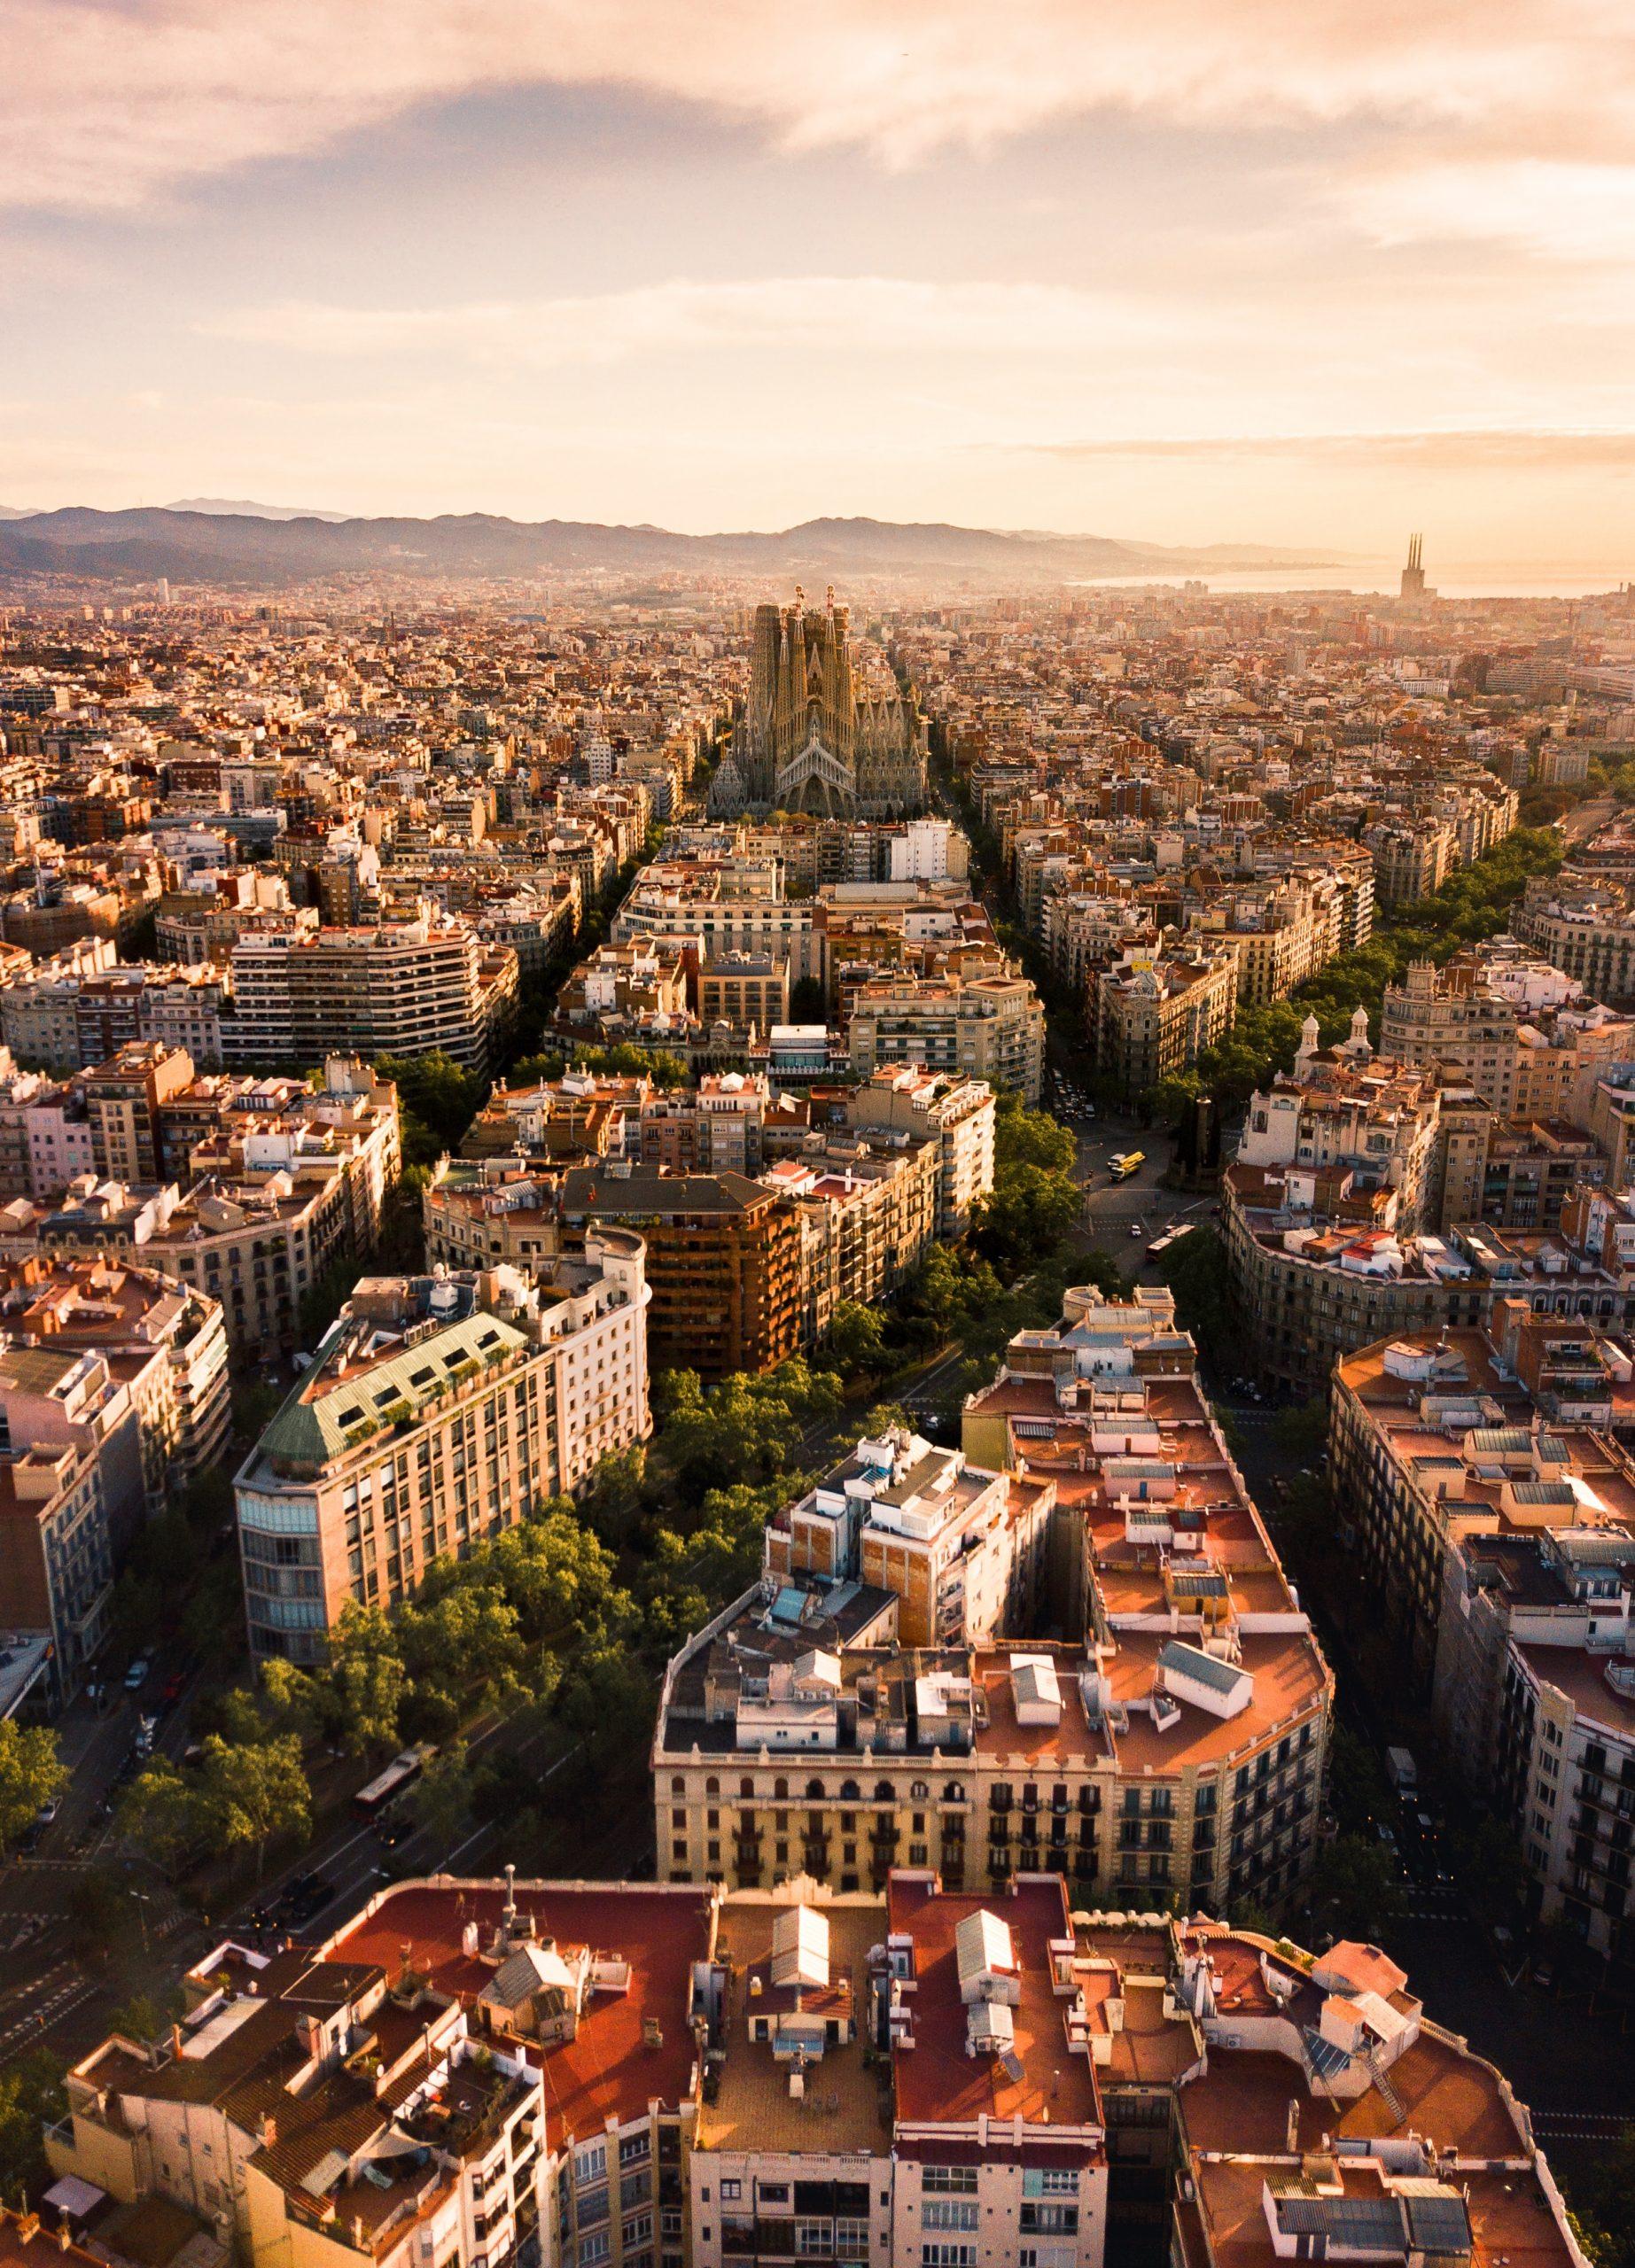 Barcelona E Seus Traços. Foto Por Alfons Taekema Em Unsplash